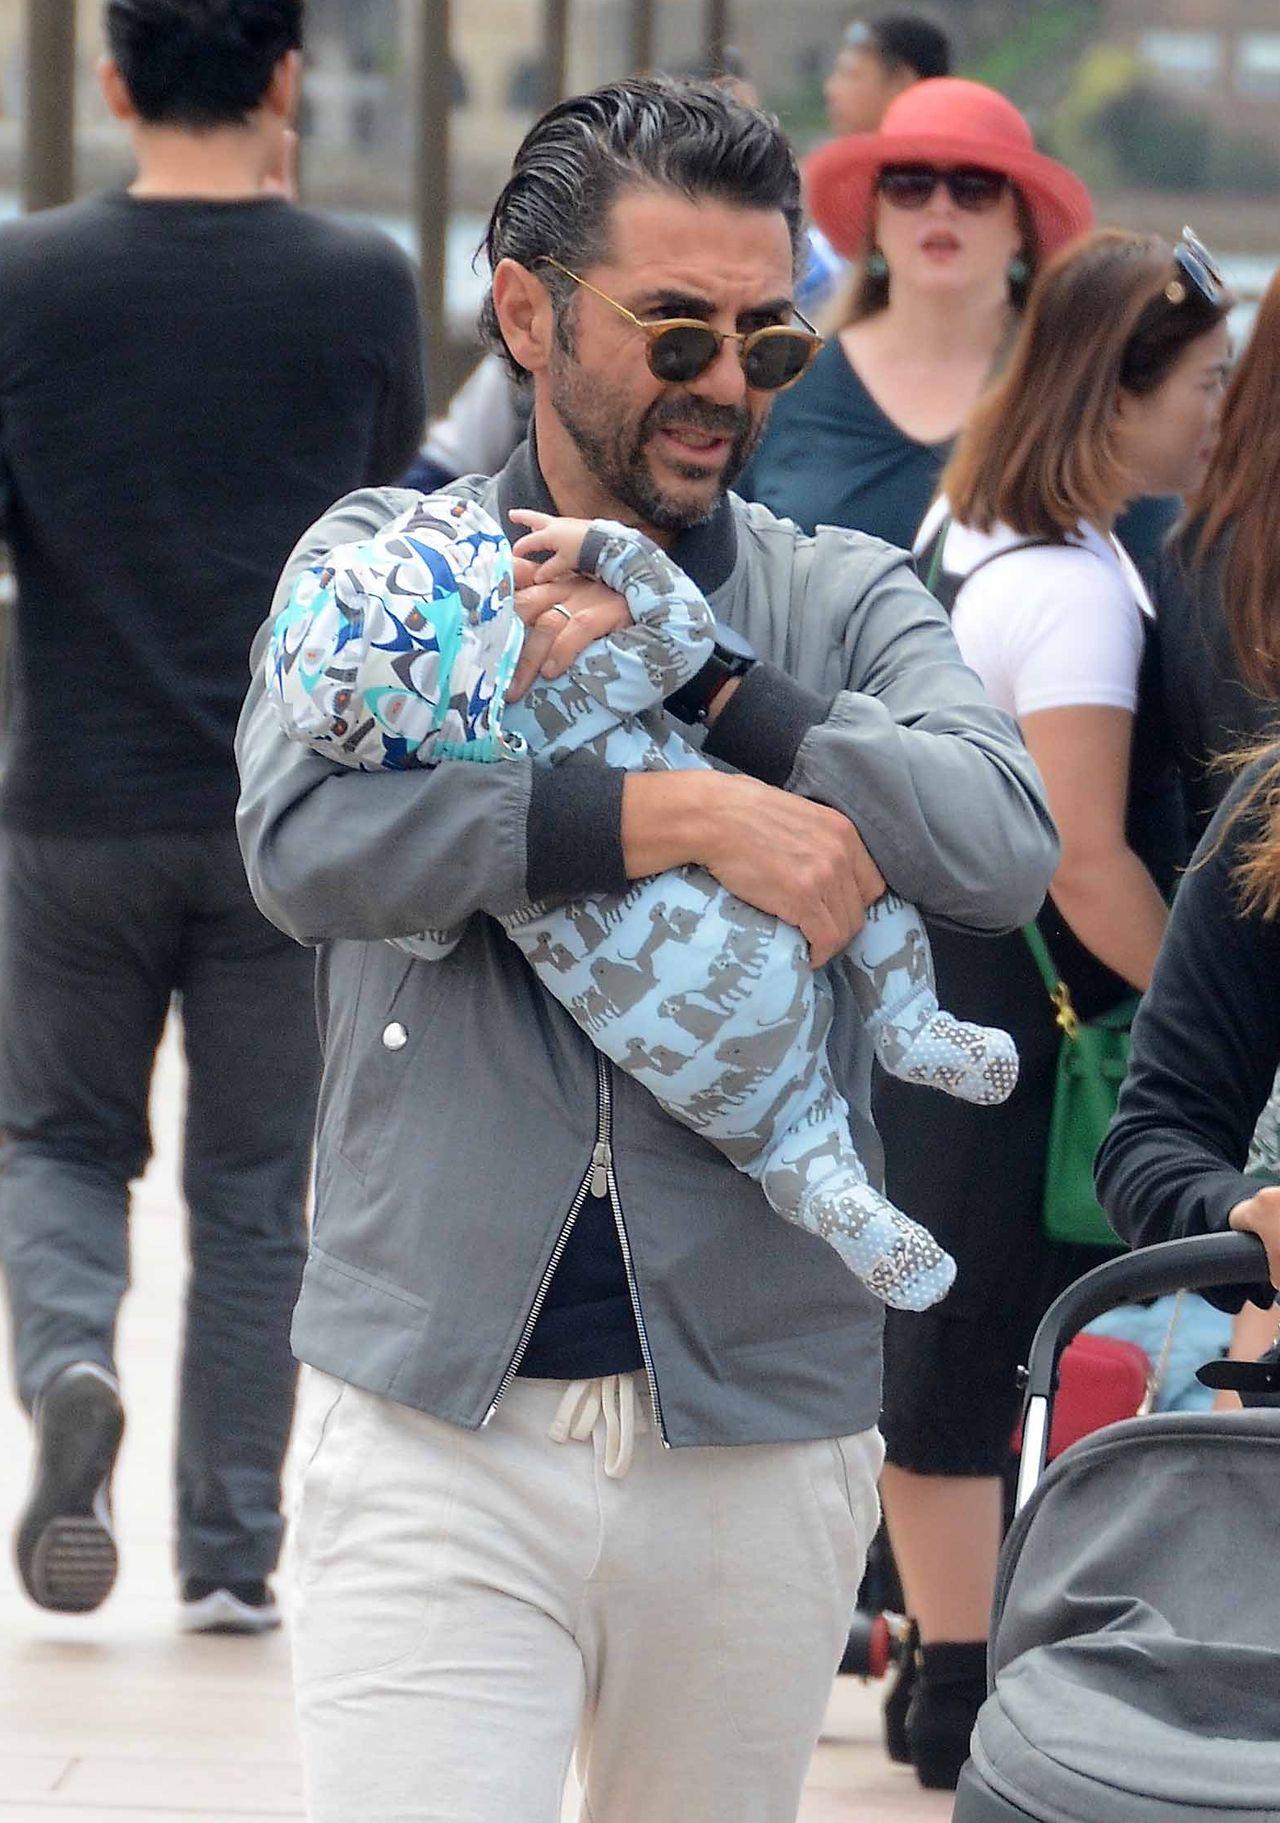 Mąż Evy Longorii zajmuje się dzieckiem podczas spaceru po mieście (ZDJĘCIA)